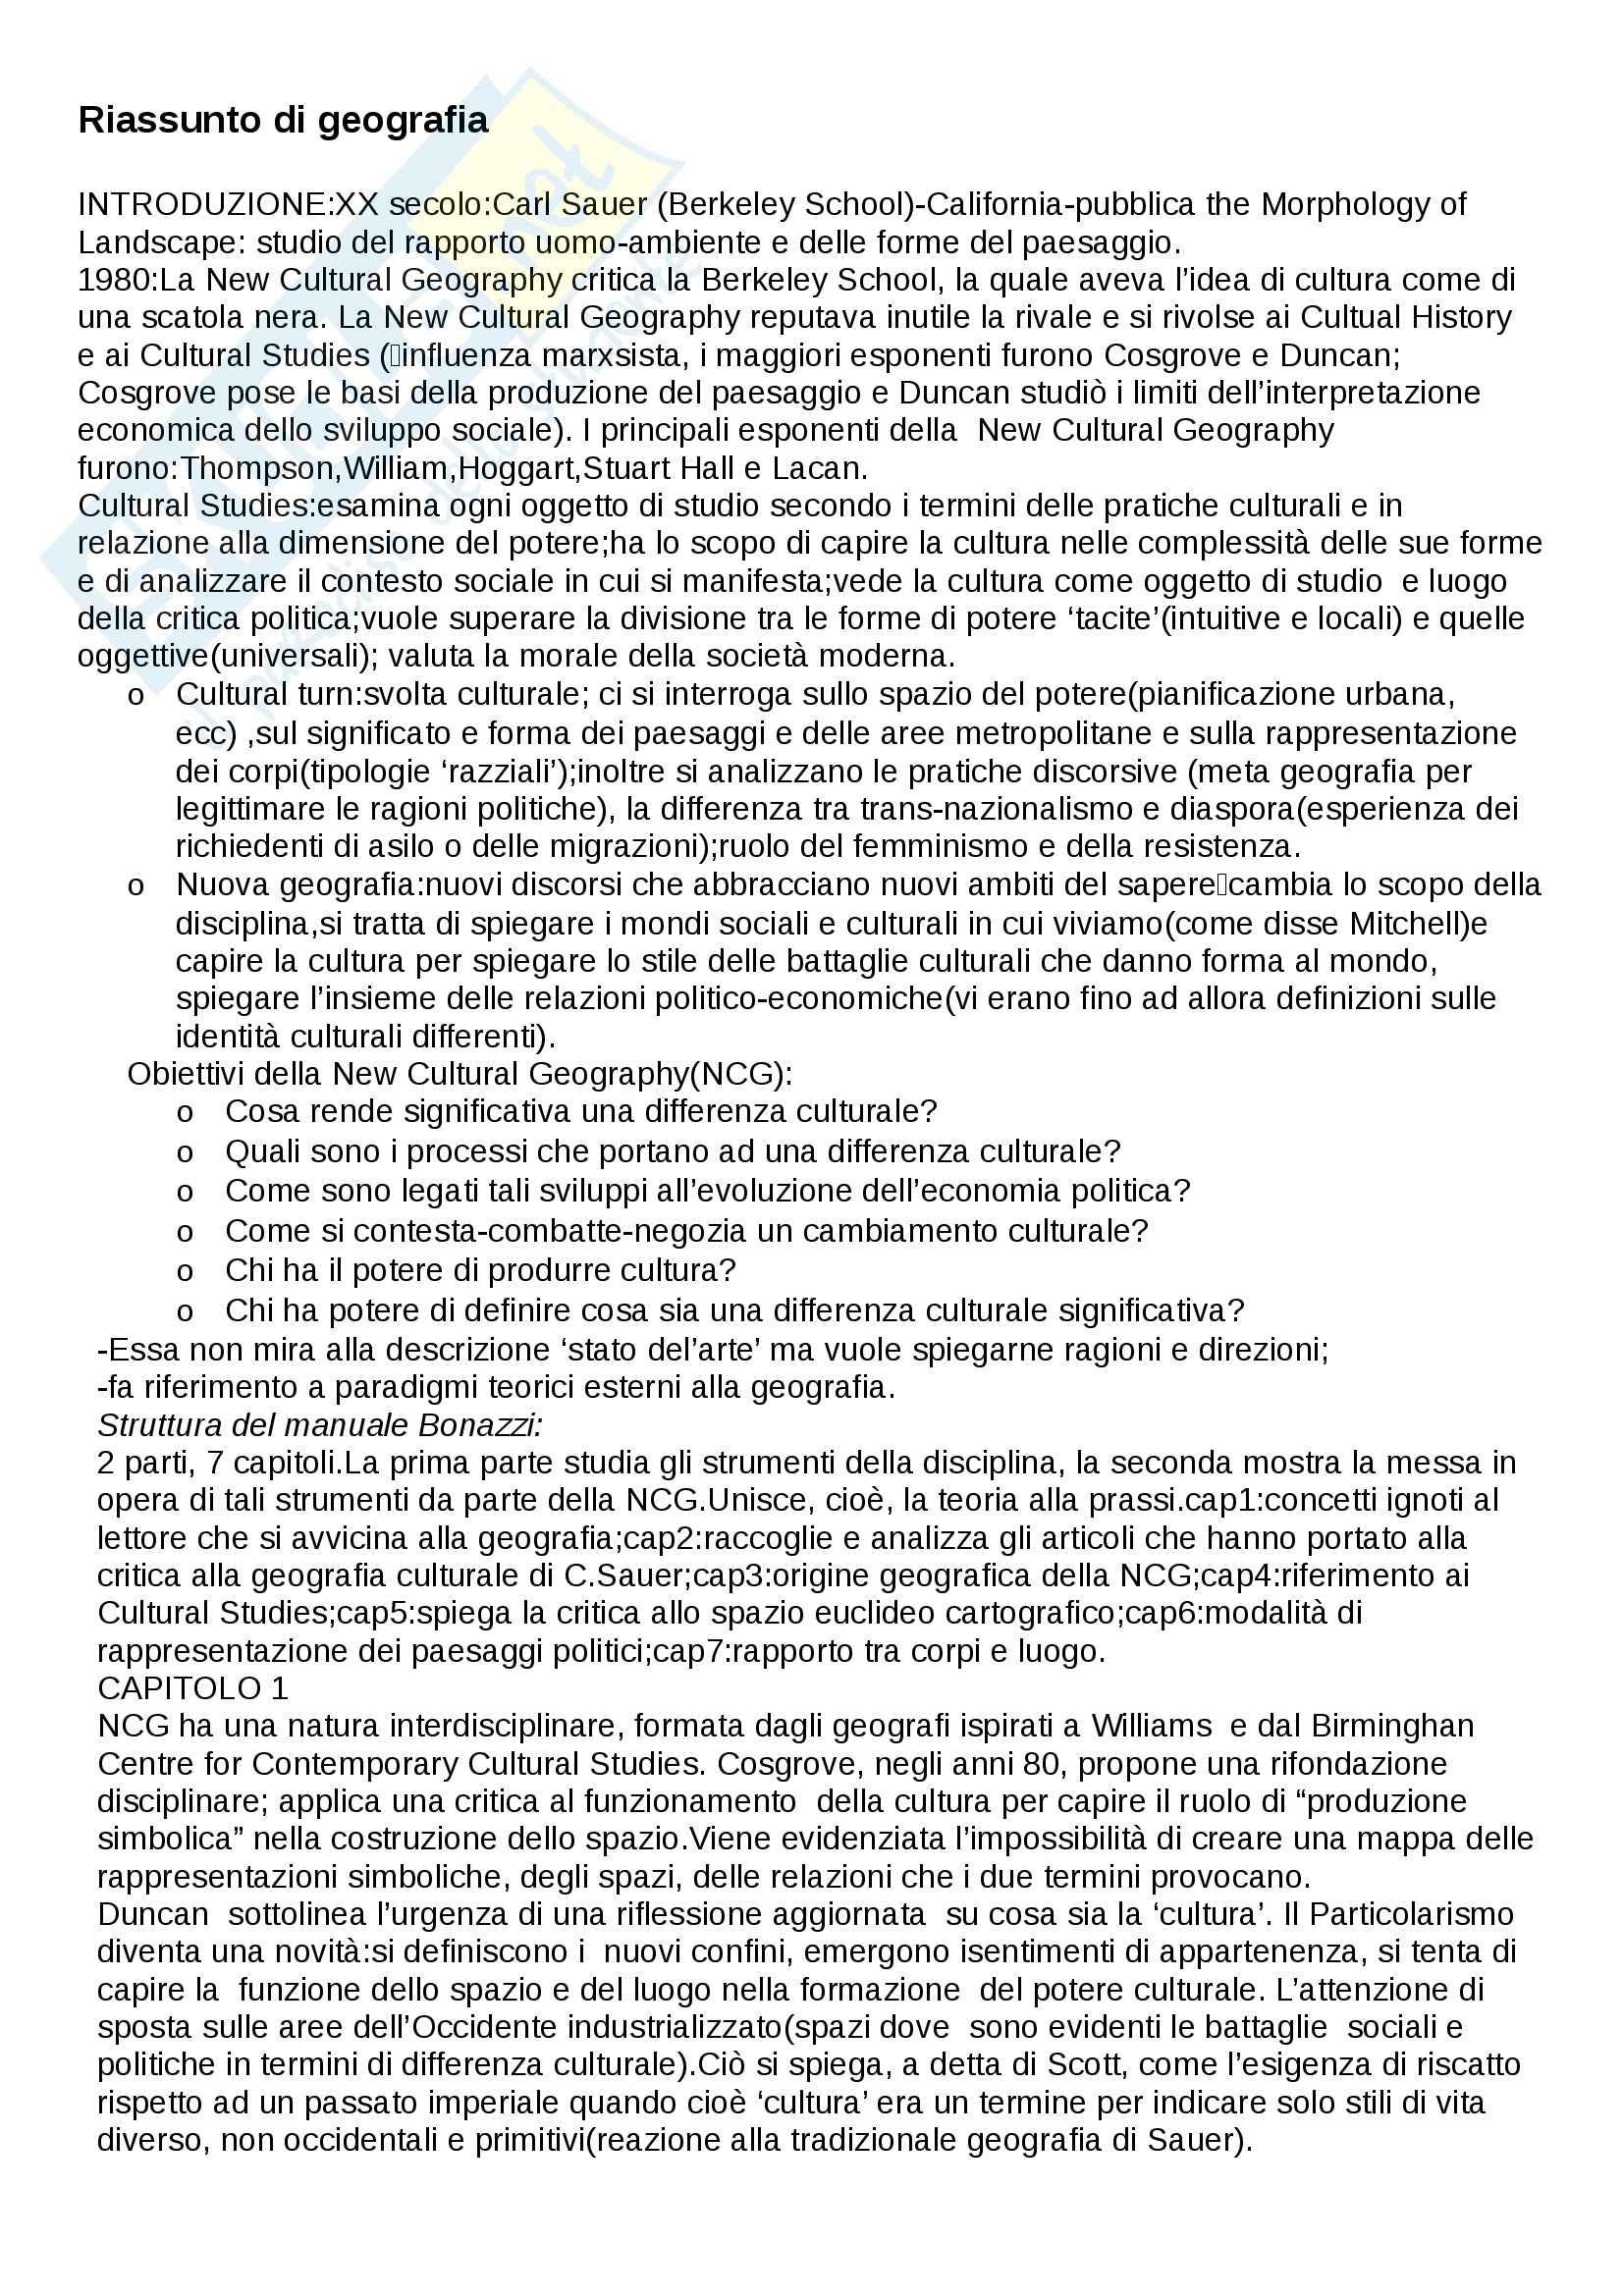 Riassunto esame Geografia sociale e culturale, prof. Amato, libro consigliato Manuale di geografia culturale, Bonazzi